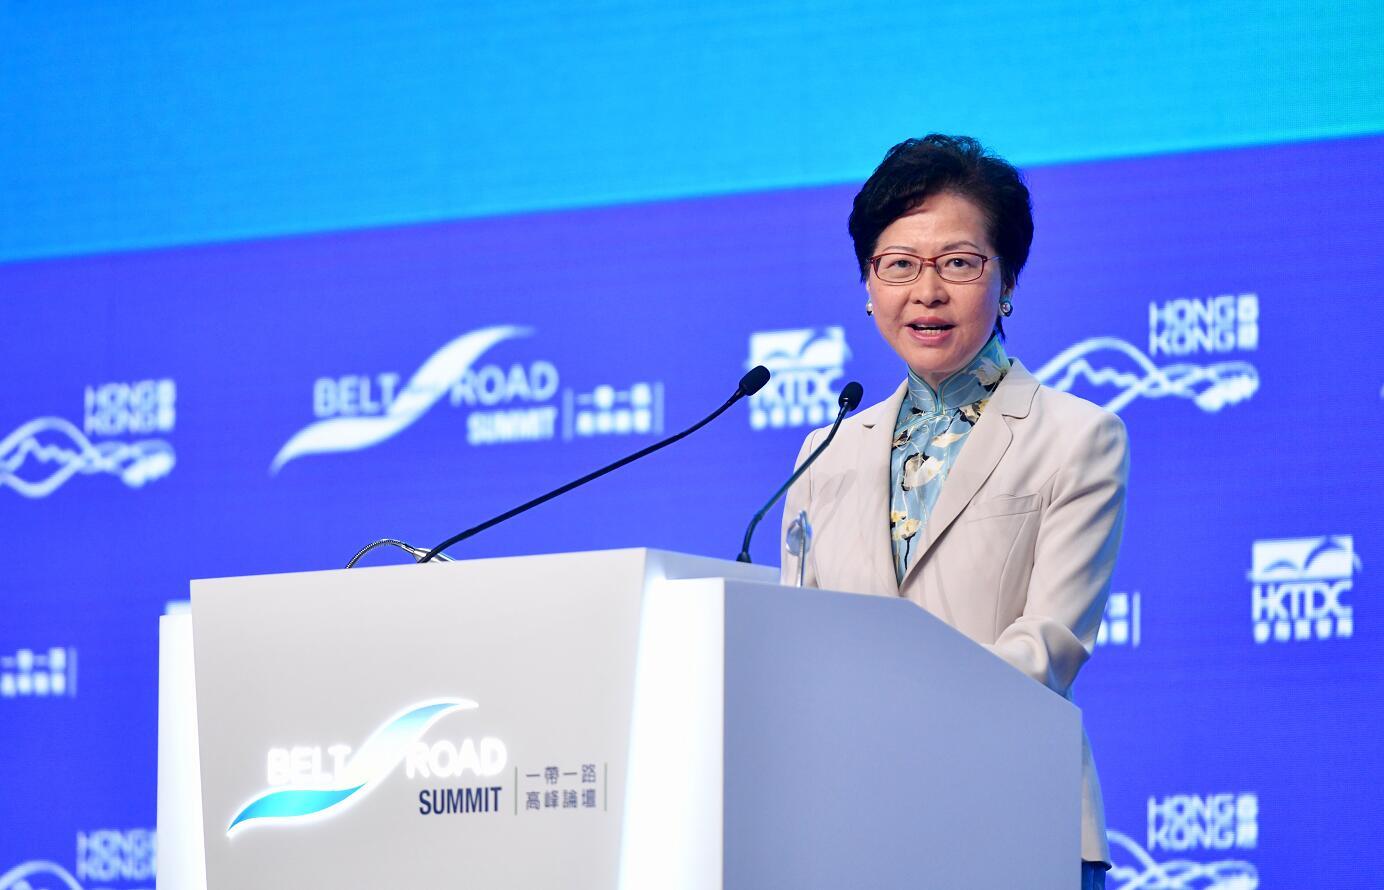 行政長官林鄭月娥今日(九月十一日)上午在香港會議展覽中心舉行的「一帶一路高峰論壇」致辭。